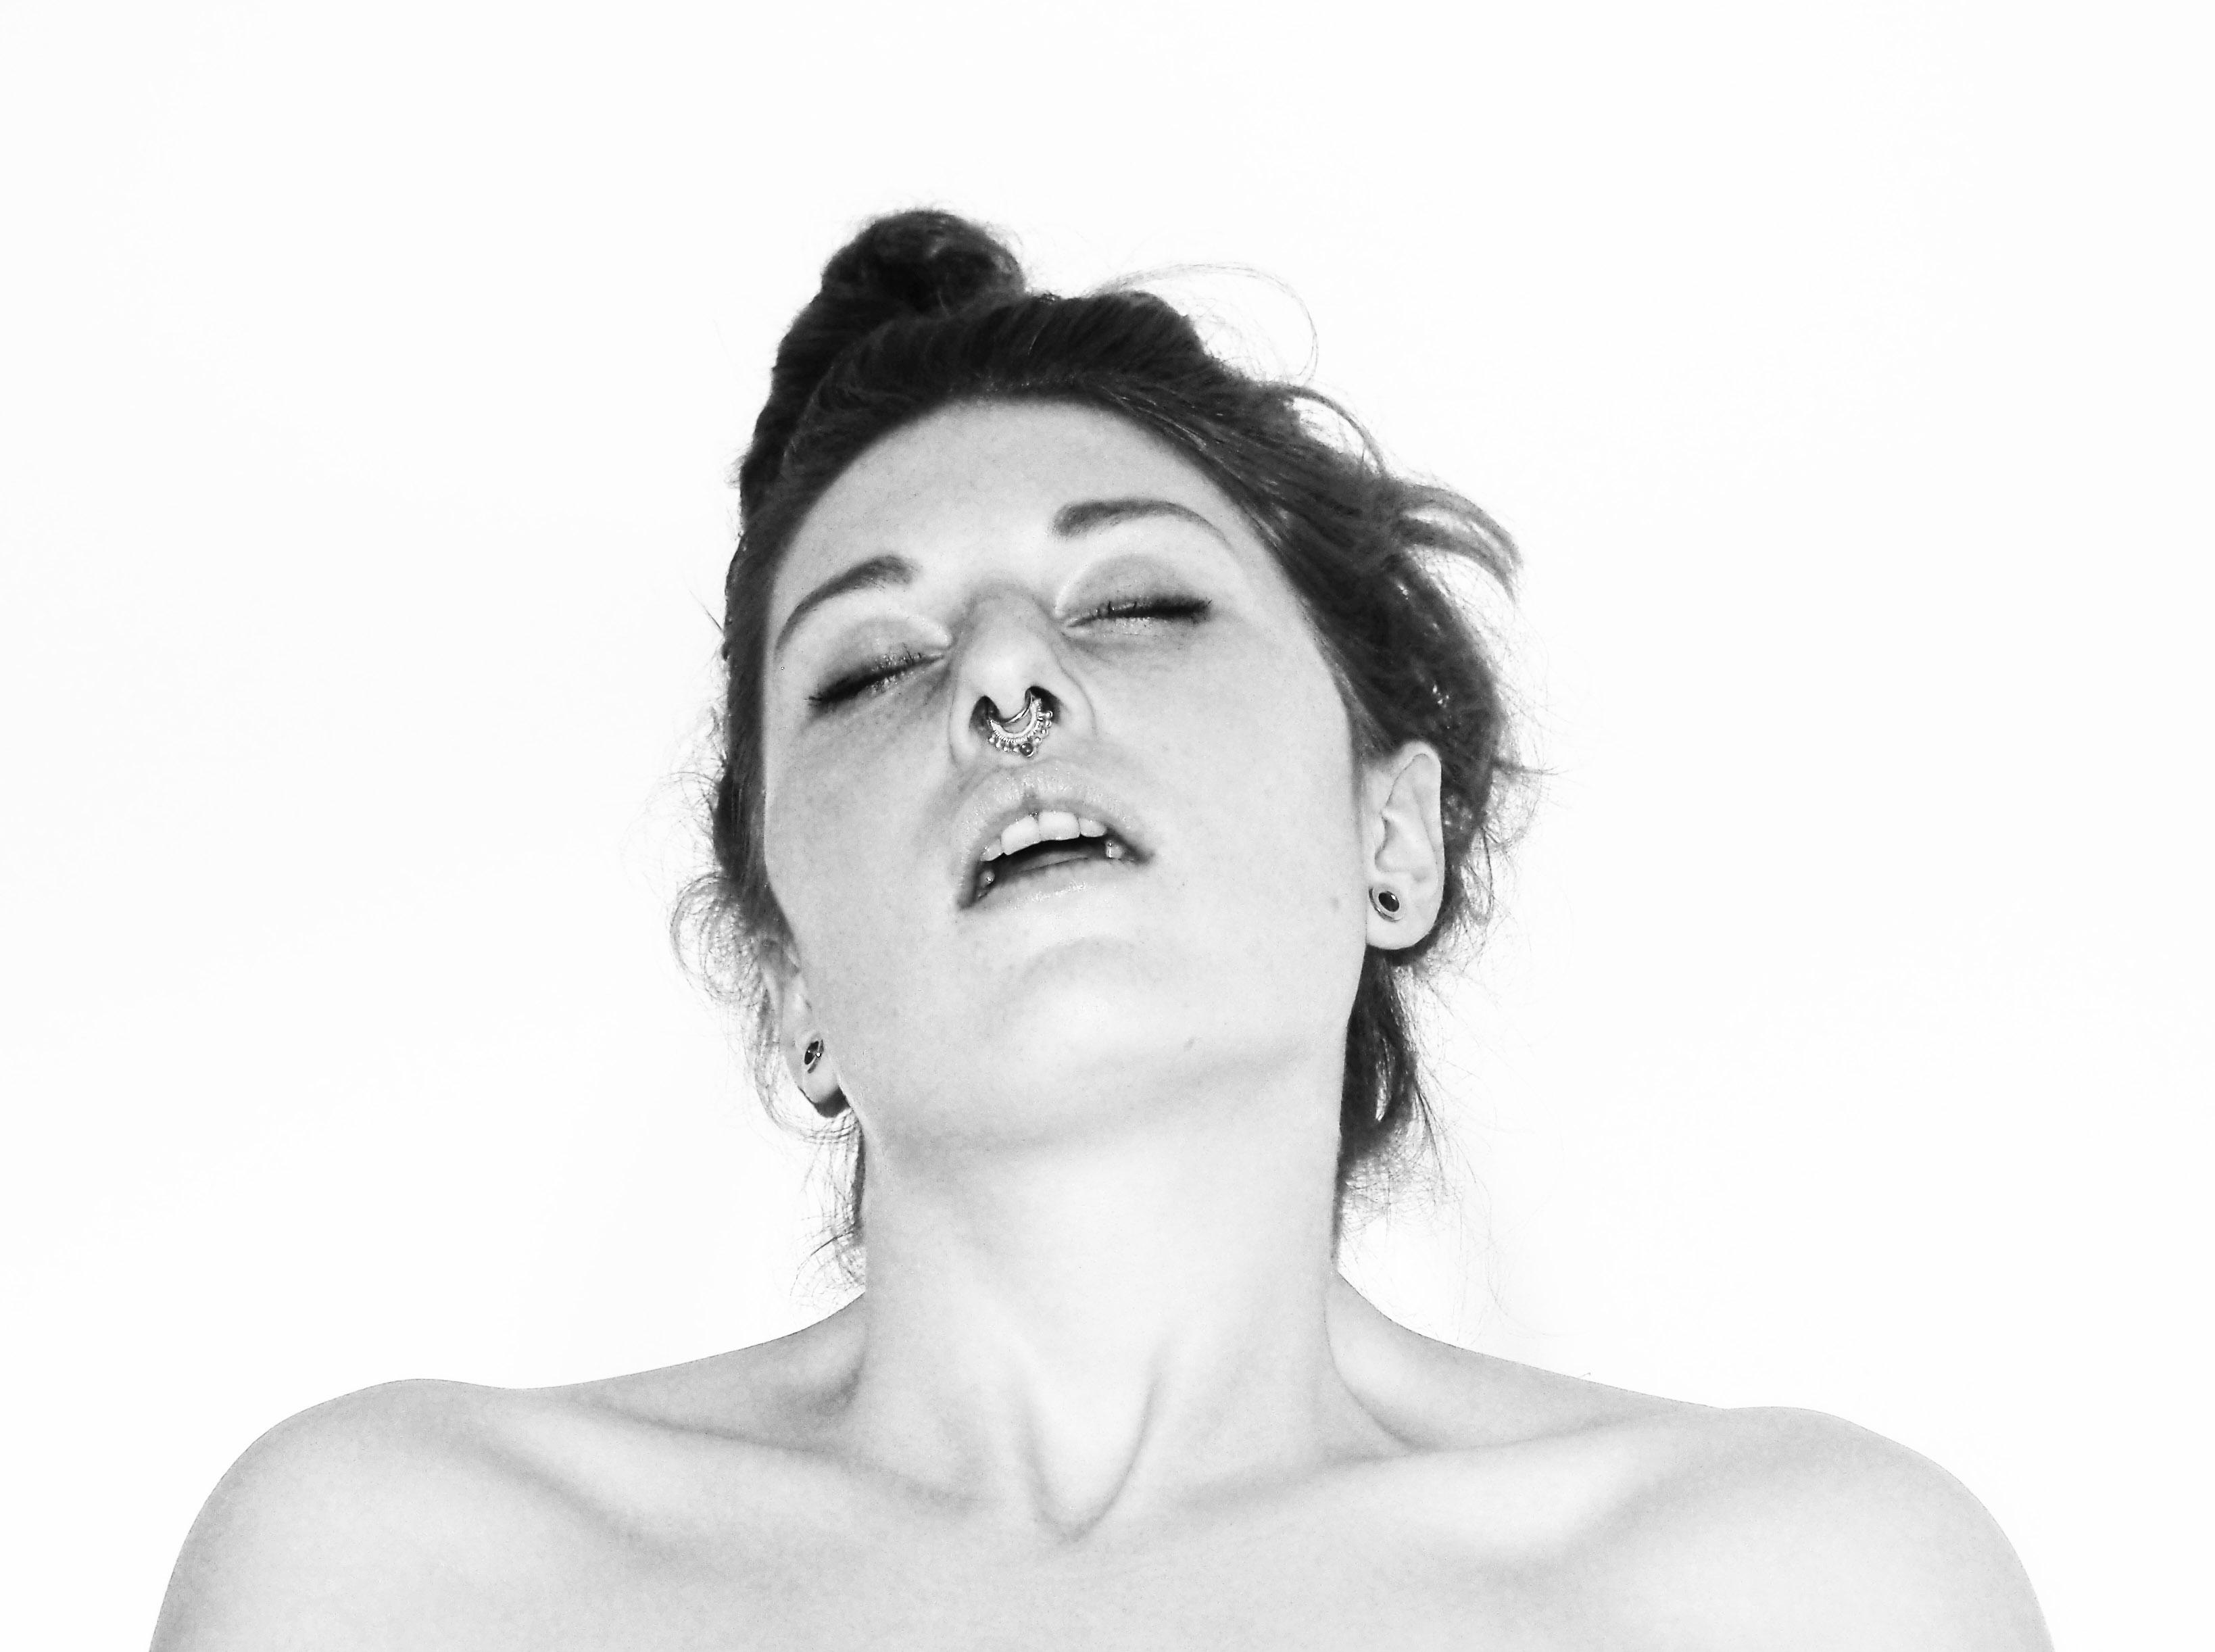 Смотреть онлайн женский оргазм жесткий, Порно видео оргазм подборка смотреть онлайн бесплатно 13 фотография